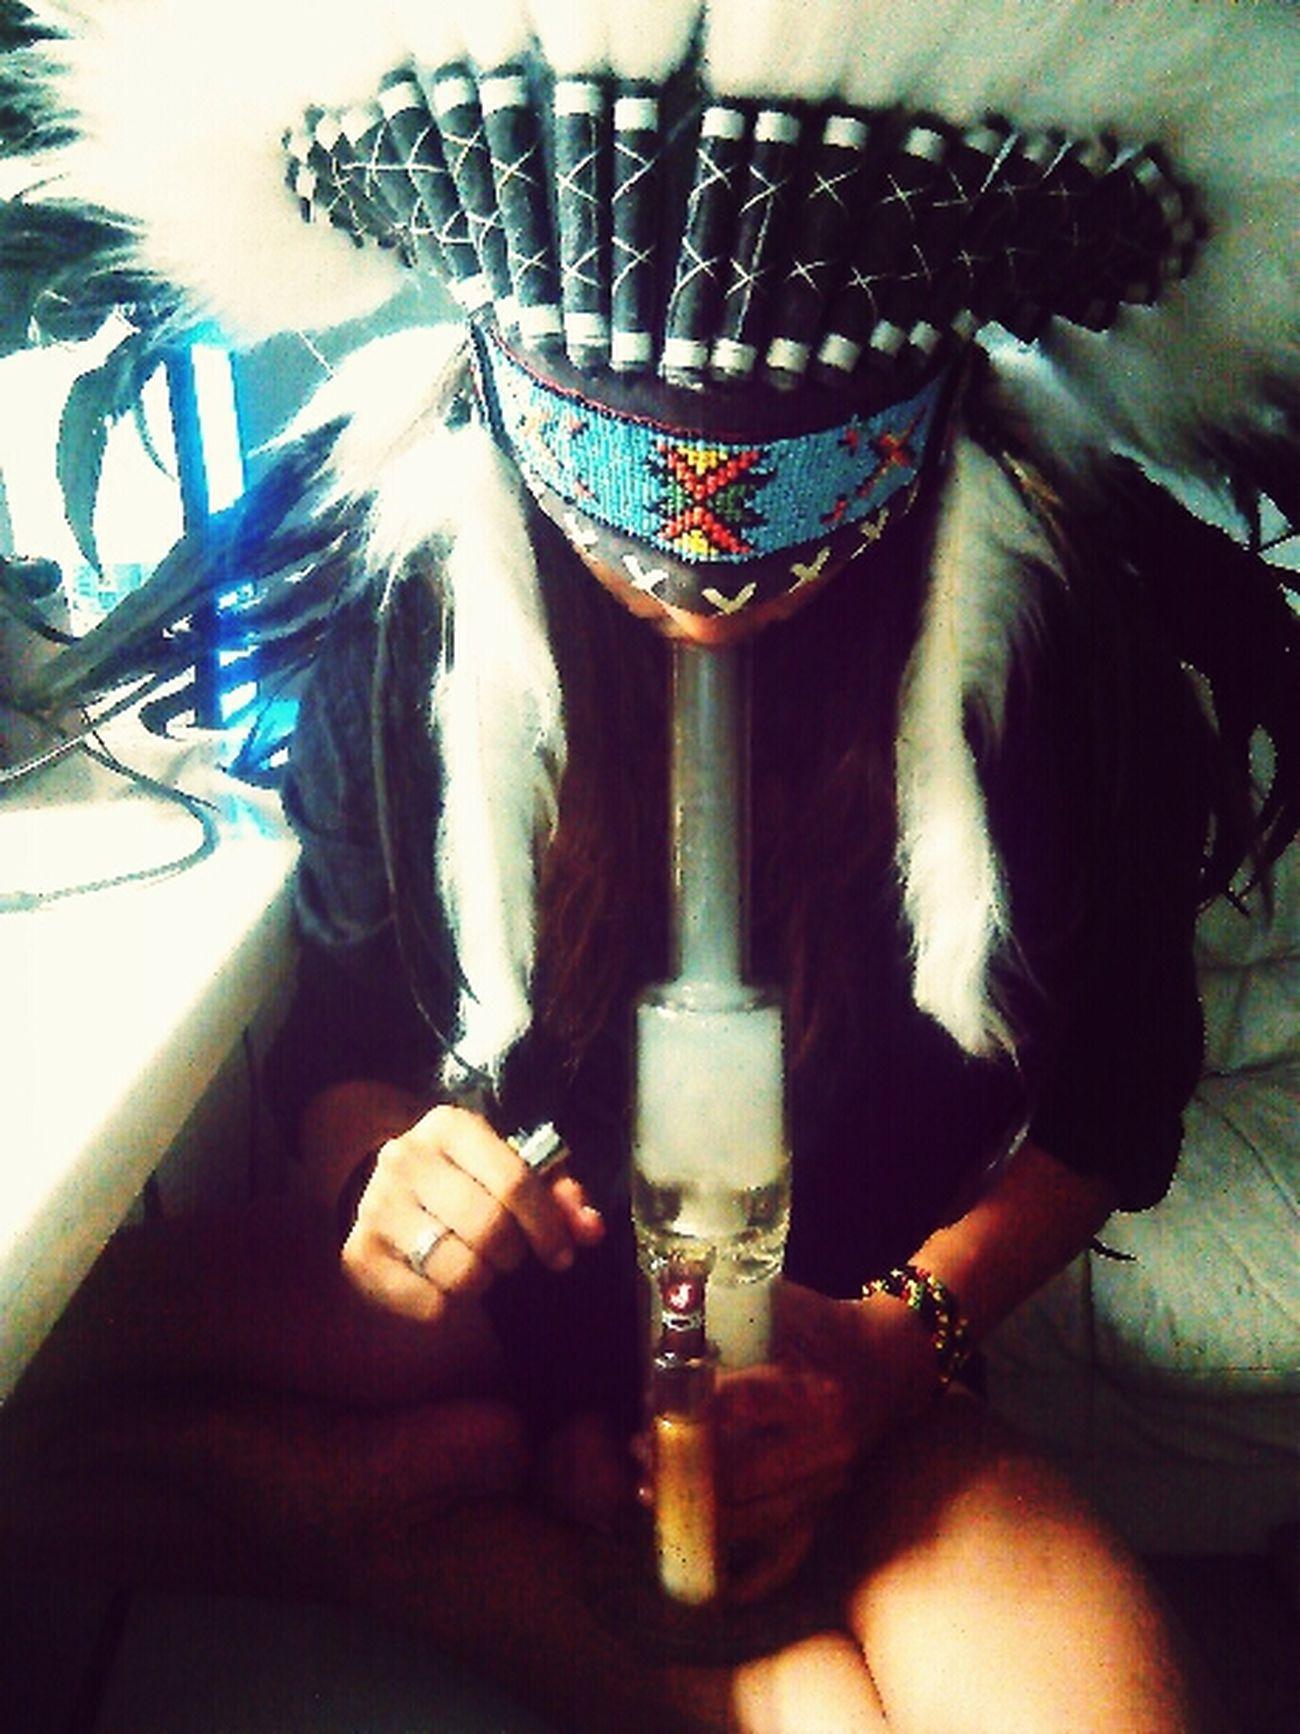 Chiefkief Bong Babes HighLife. MaryJane♥️